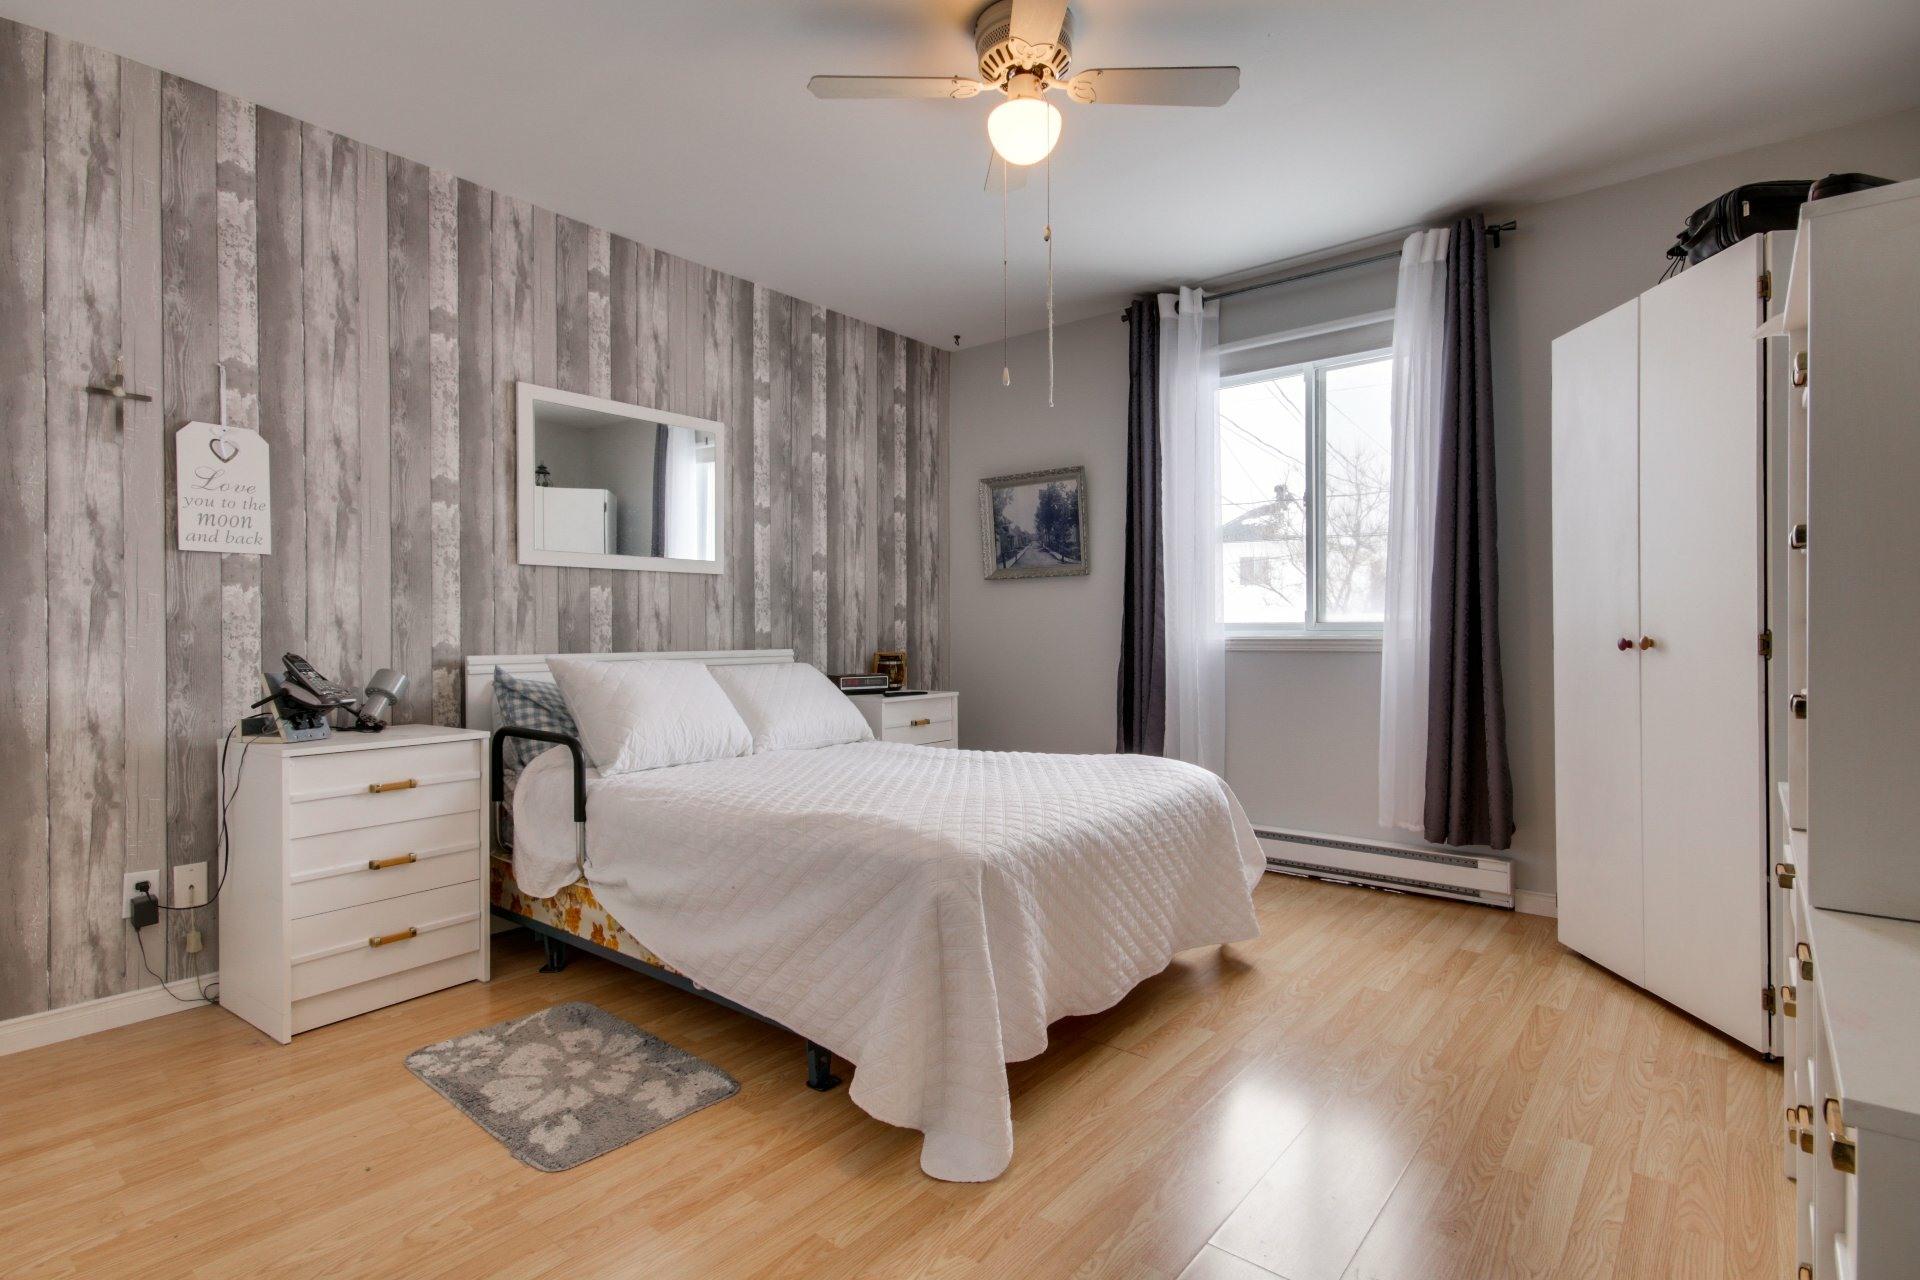 image 14 - House For sale Trois-Rivières - 10 rooms